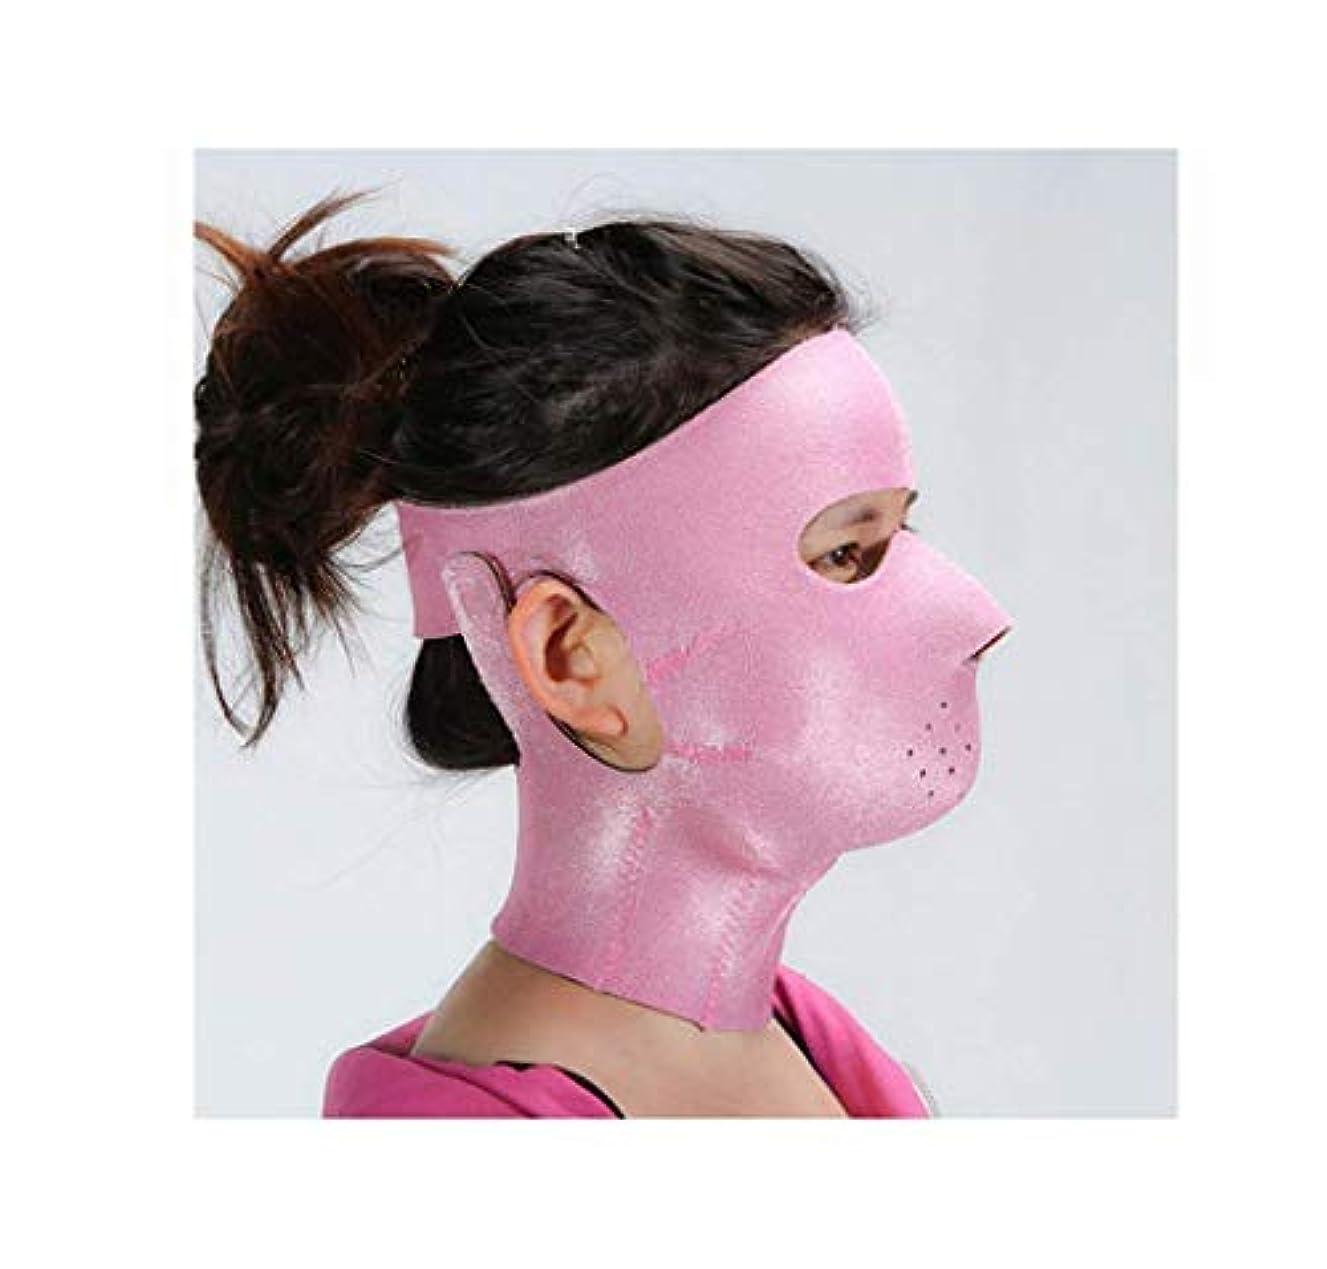 救援小人幾何学フェイスリフトマスク、フェイシャルマスクプラス薄いフェイスマスクタイトなたるみの薄いフェイスマスクフェイシャル薄いフェイスマスクアーティファクトビューティーネックストラップ付き